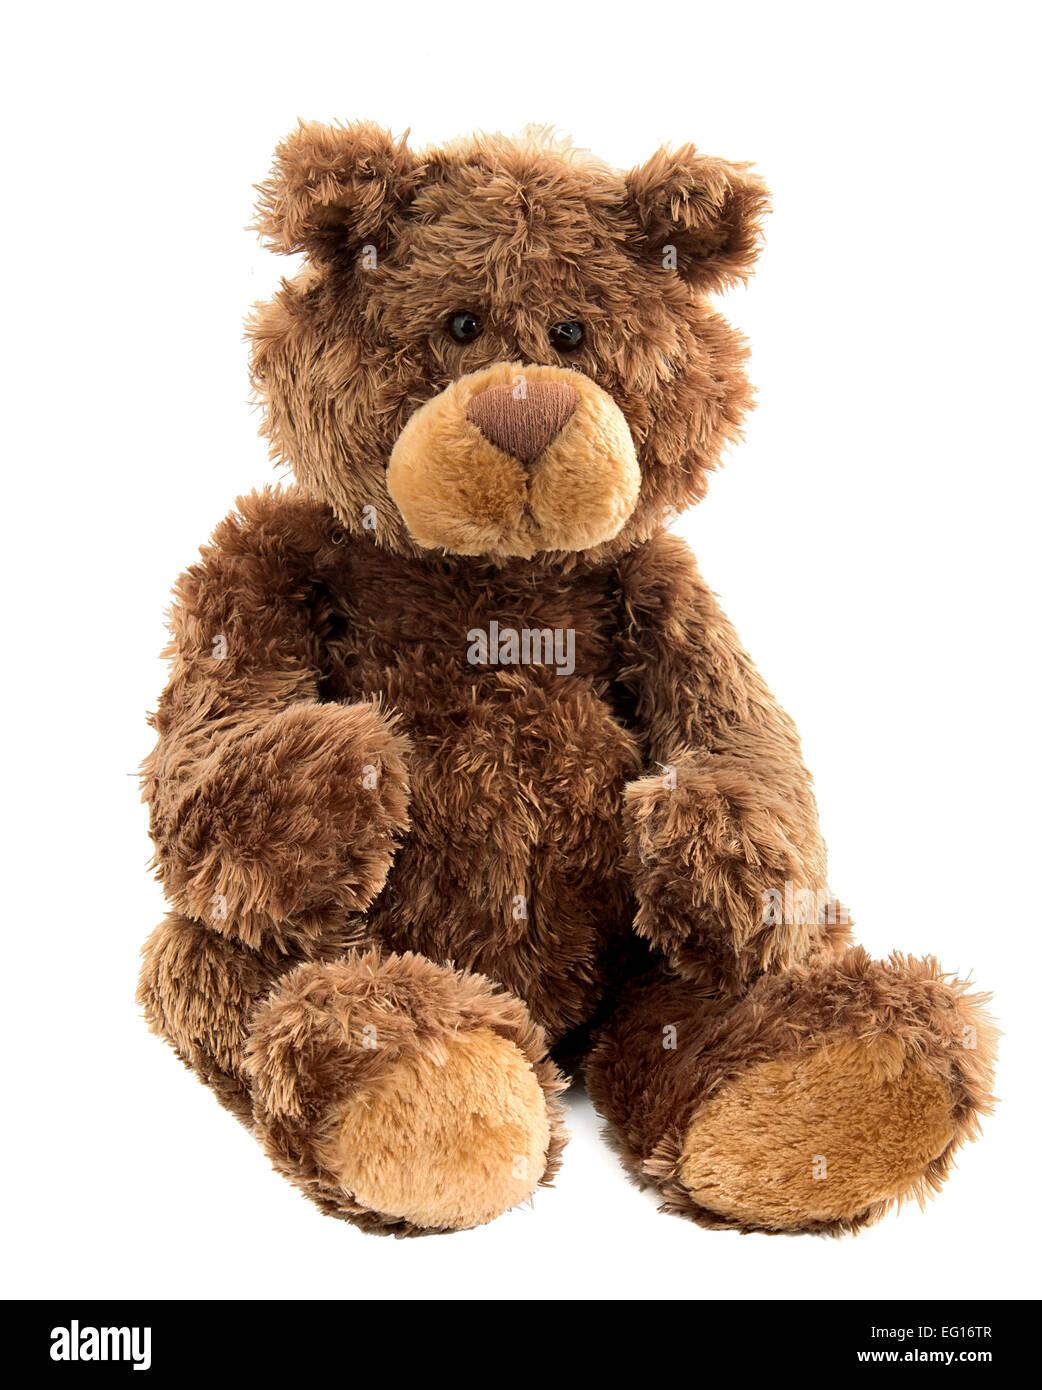 Découper l'image de l'ours en peluche jouet mou Photo Stock